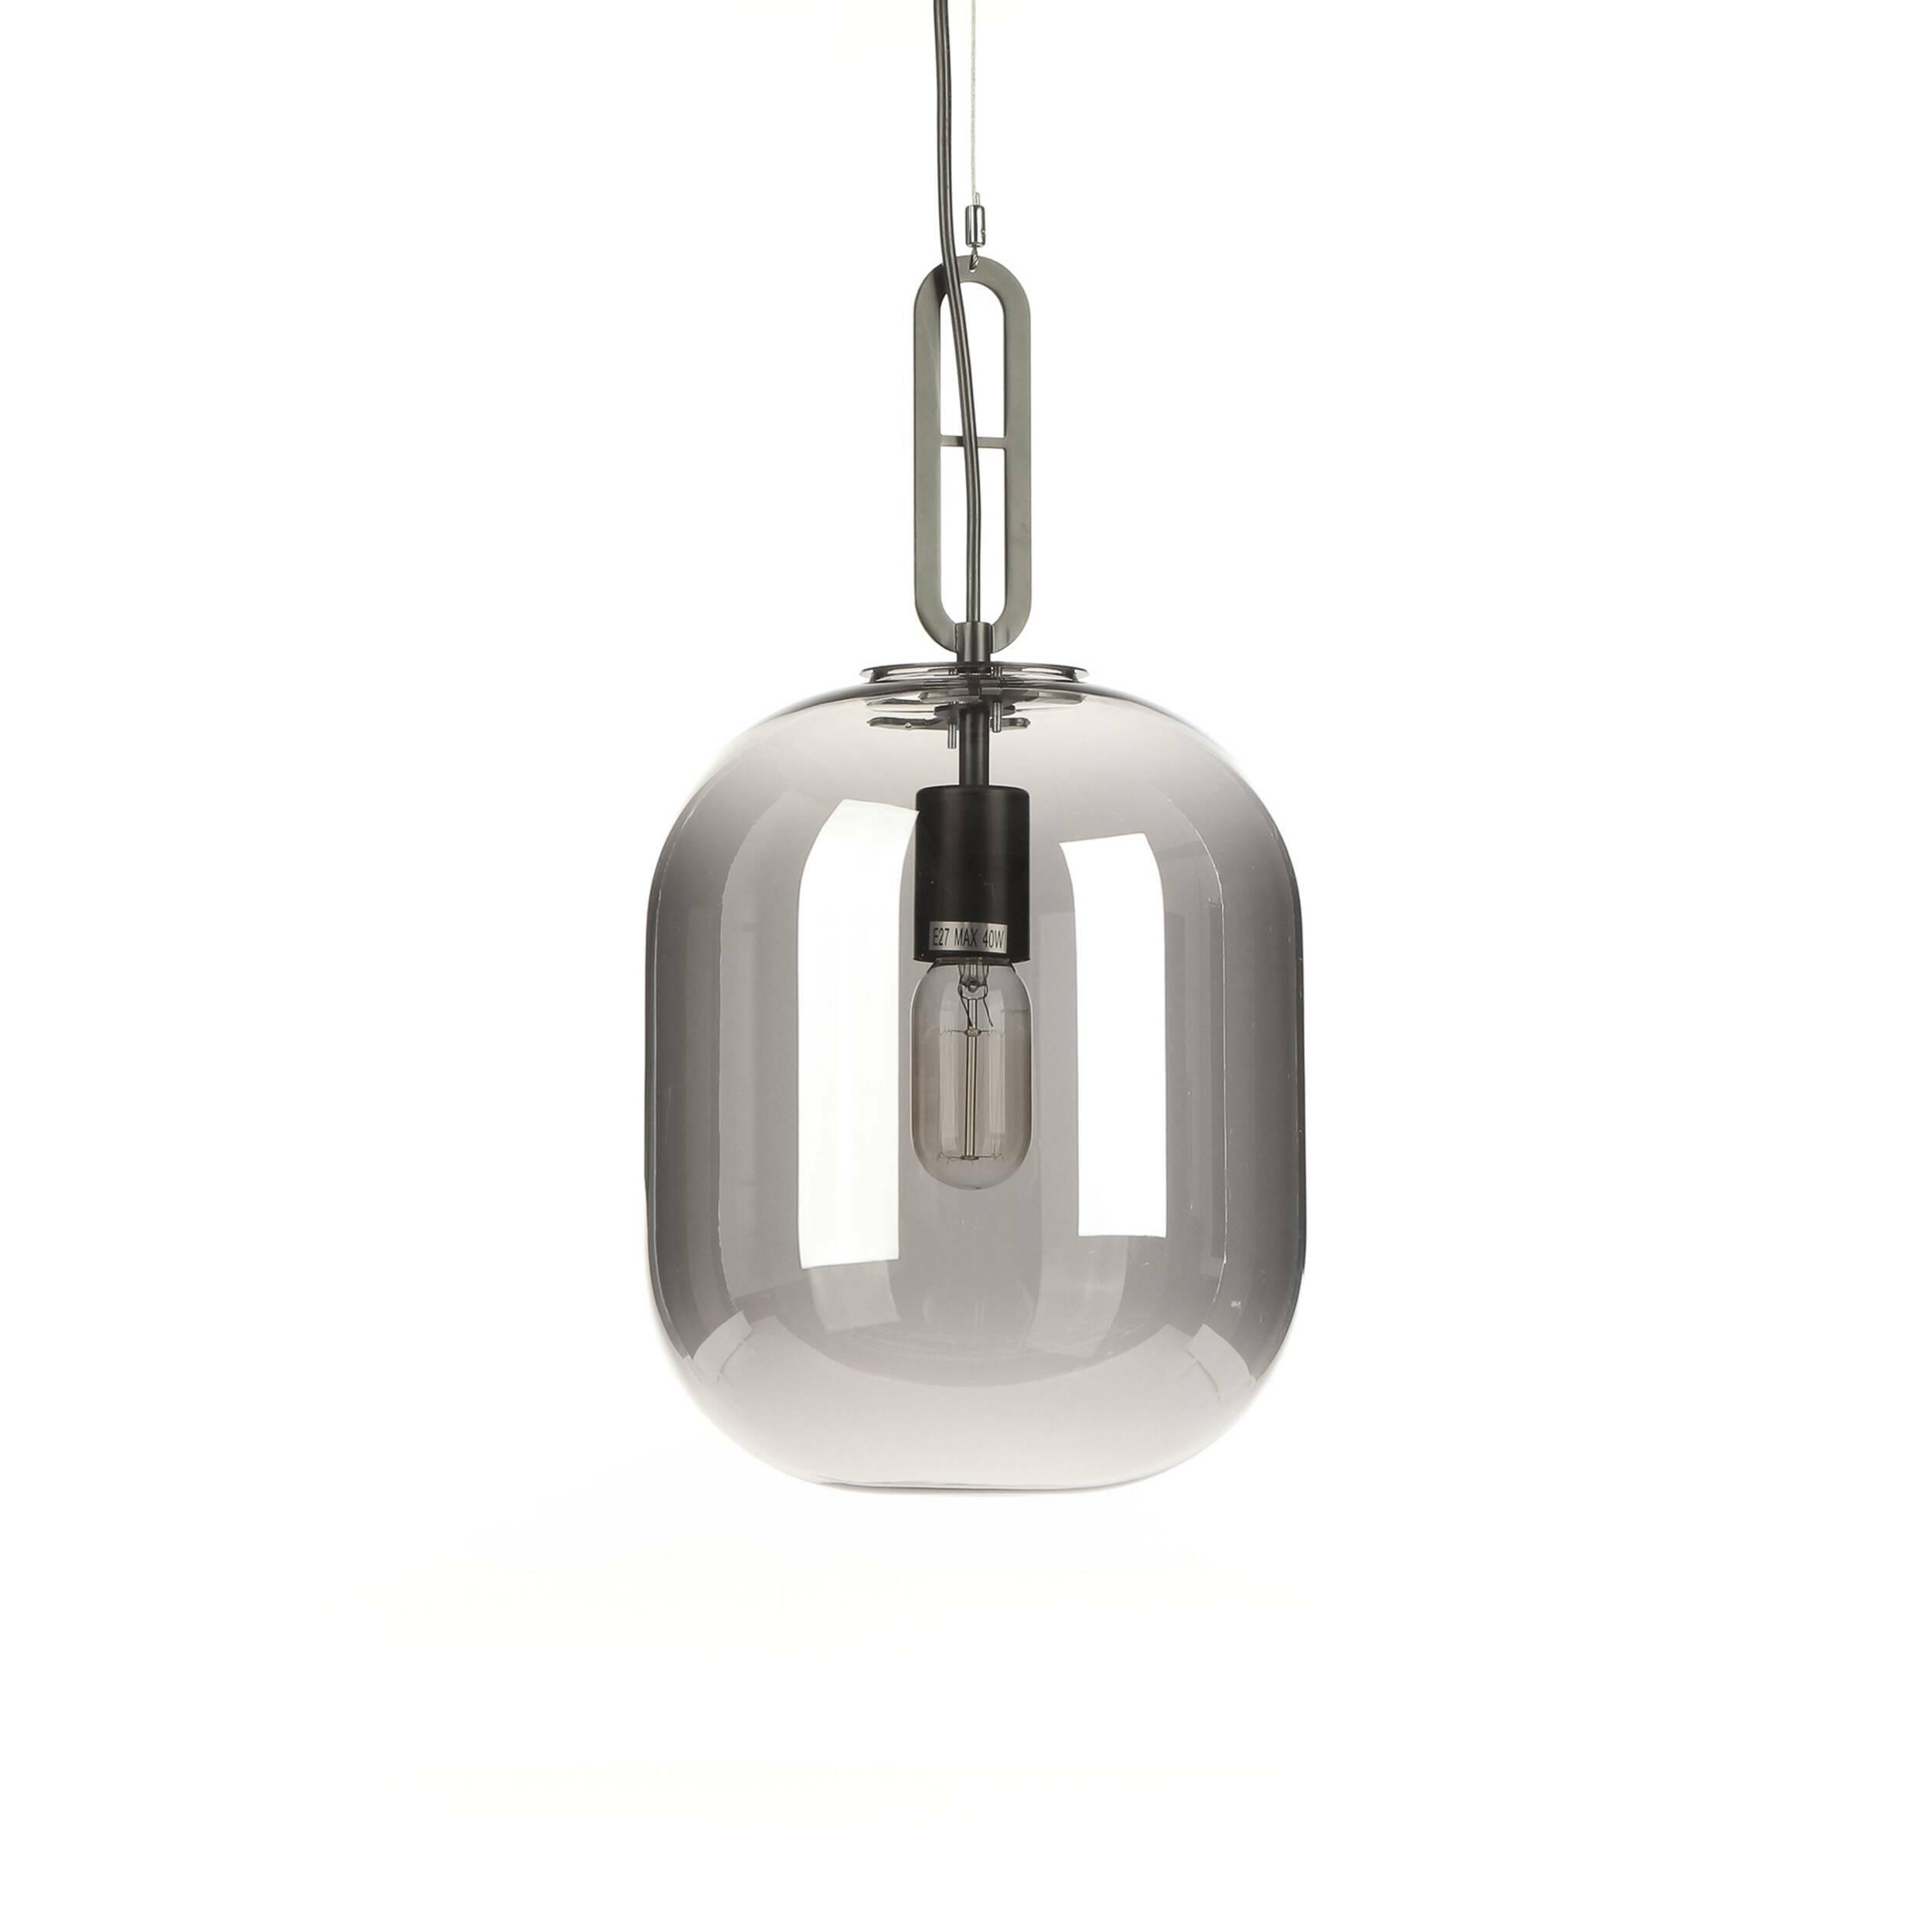 Подвесной светильник Zane диаметр 25Подвесные<br>В качестве светильников в лофт-пространстве могут использоваться самые разные варианты, от сложных композиций из множества ламп до минималистичных моделей. Дизайнерский подвесной светильник Zane диаметр 25 – это прекрасный источник освещения в эпатажном стиле лофт, который станет отличным украшением и функциональной частью этого необычного интерьера.<br><br><br> Для создания этой модели мастера взяли наиболее часто используемые для таких изделий материалы, это прозрачное стекло с легким оттенк...<br><br>stock: 15<br>Высота: 45<br>Диаметр: 25<br>Материал абажура: Стекло<br>Материал арматуры: Металл<br>Мощность лампы: 40<br>Тип лампы/цоколь: E27<br>Цвет абажура: Серый